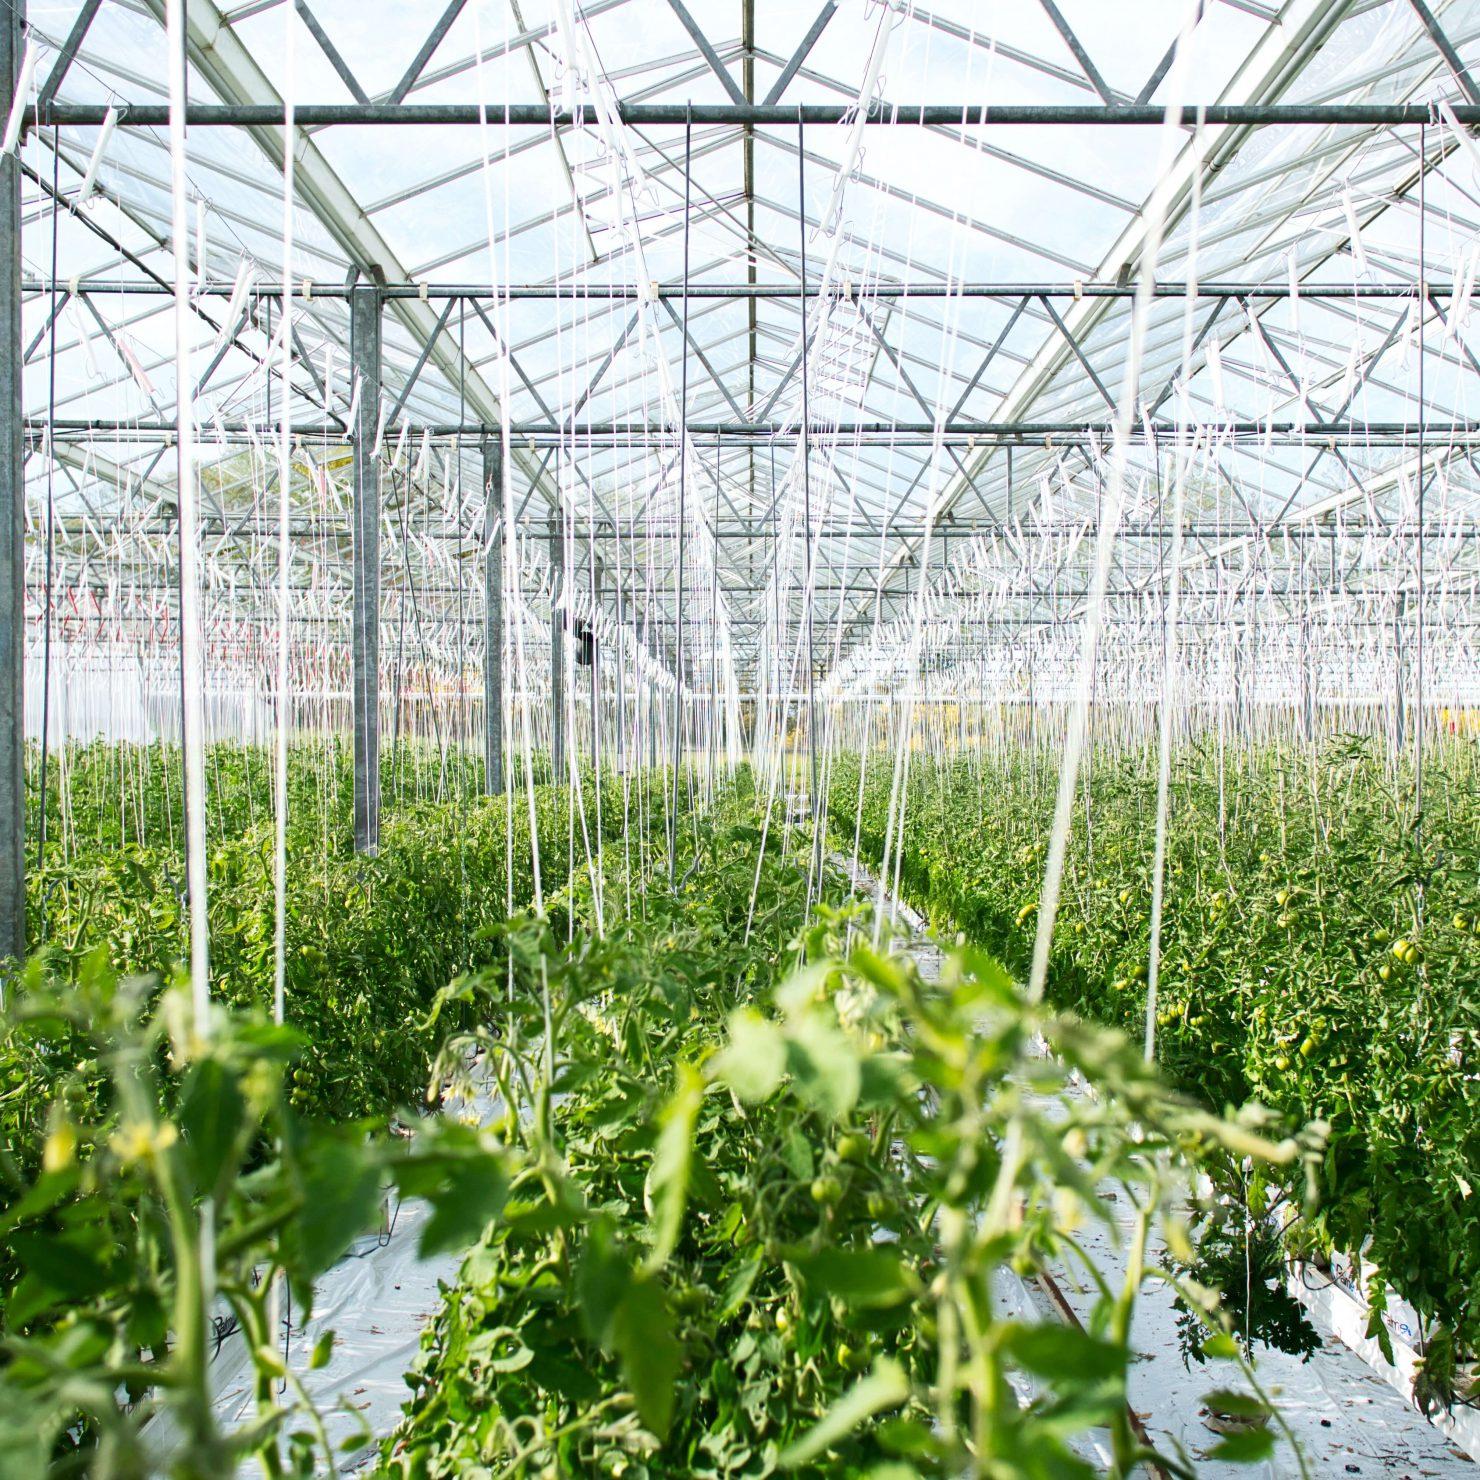 施設園芸農業とは?メリット・デメリットと始めるときのポイント